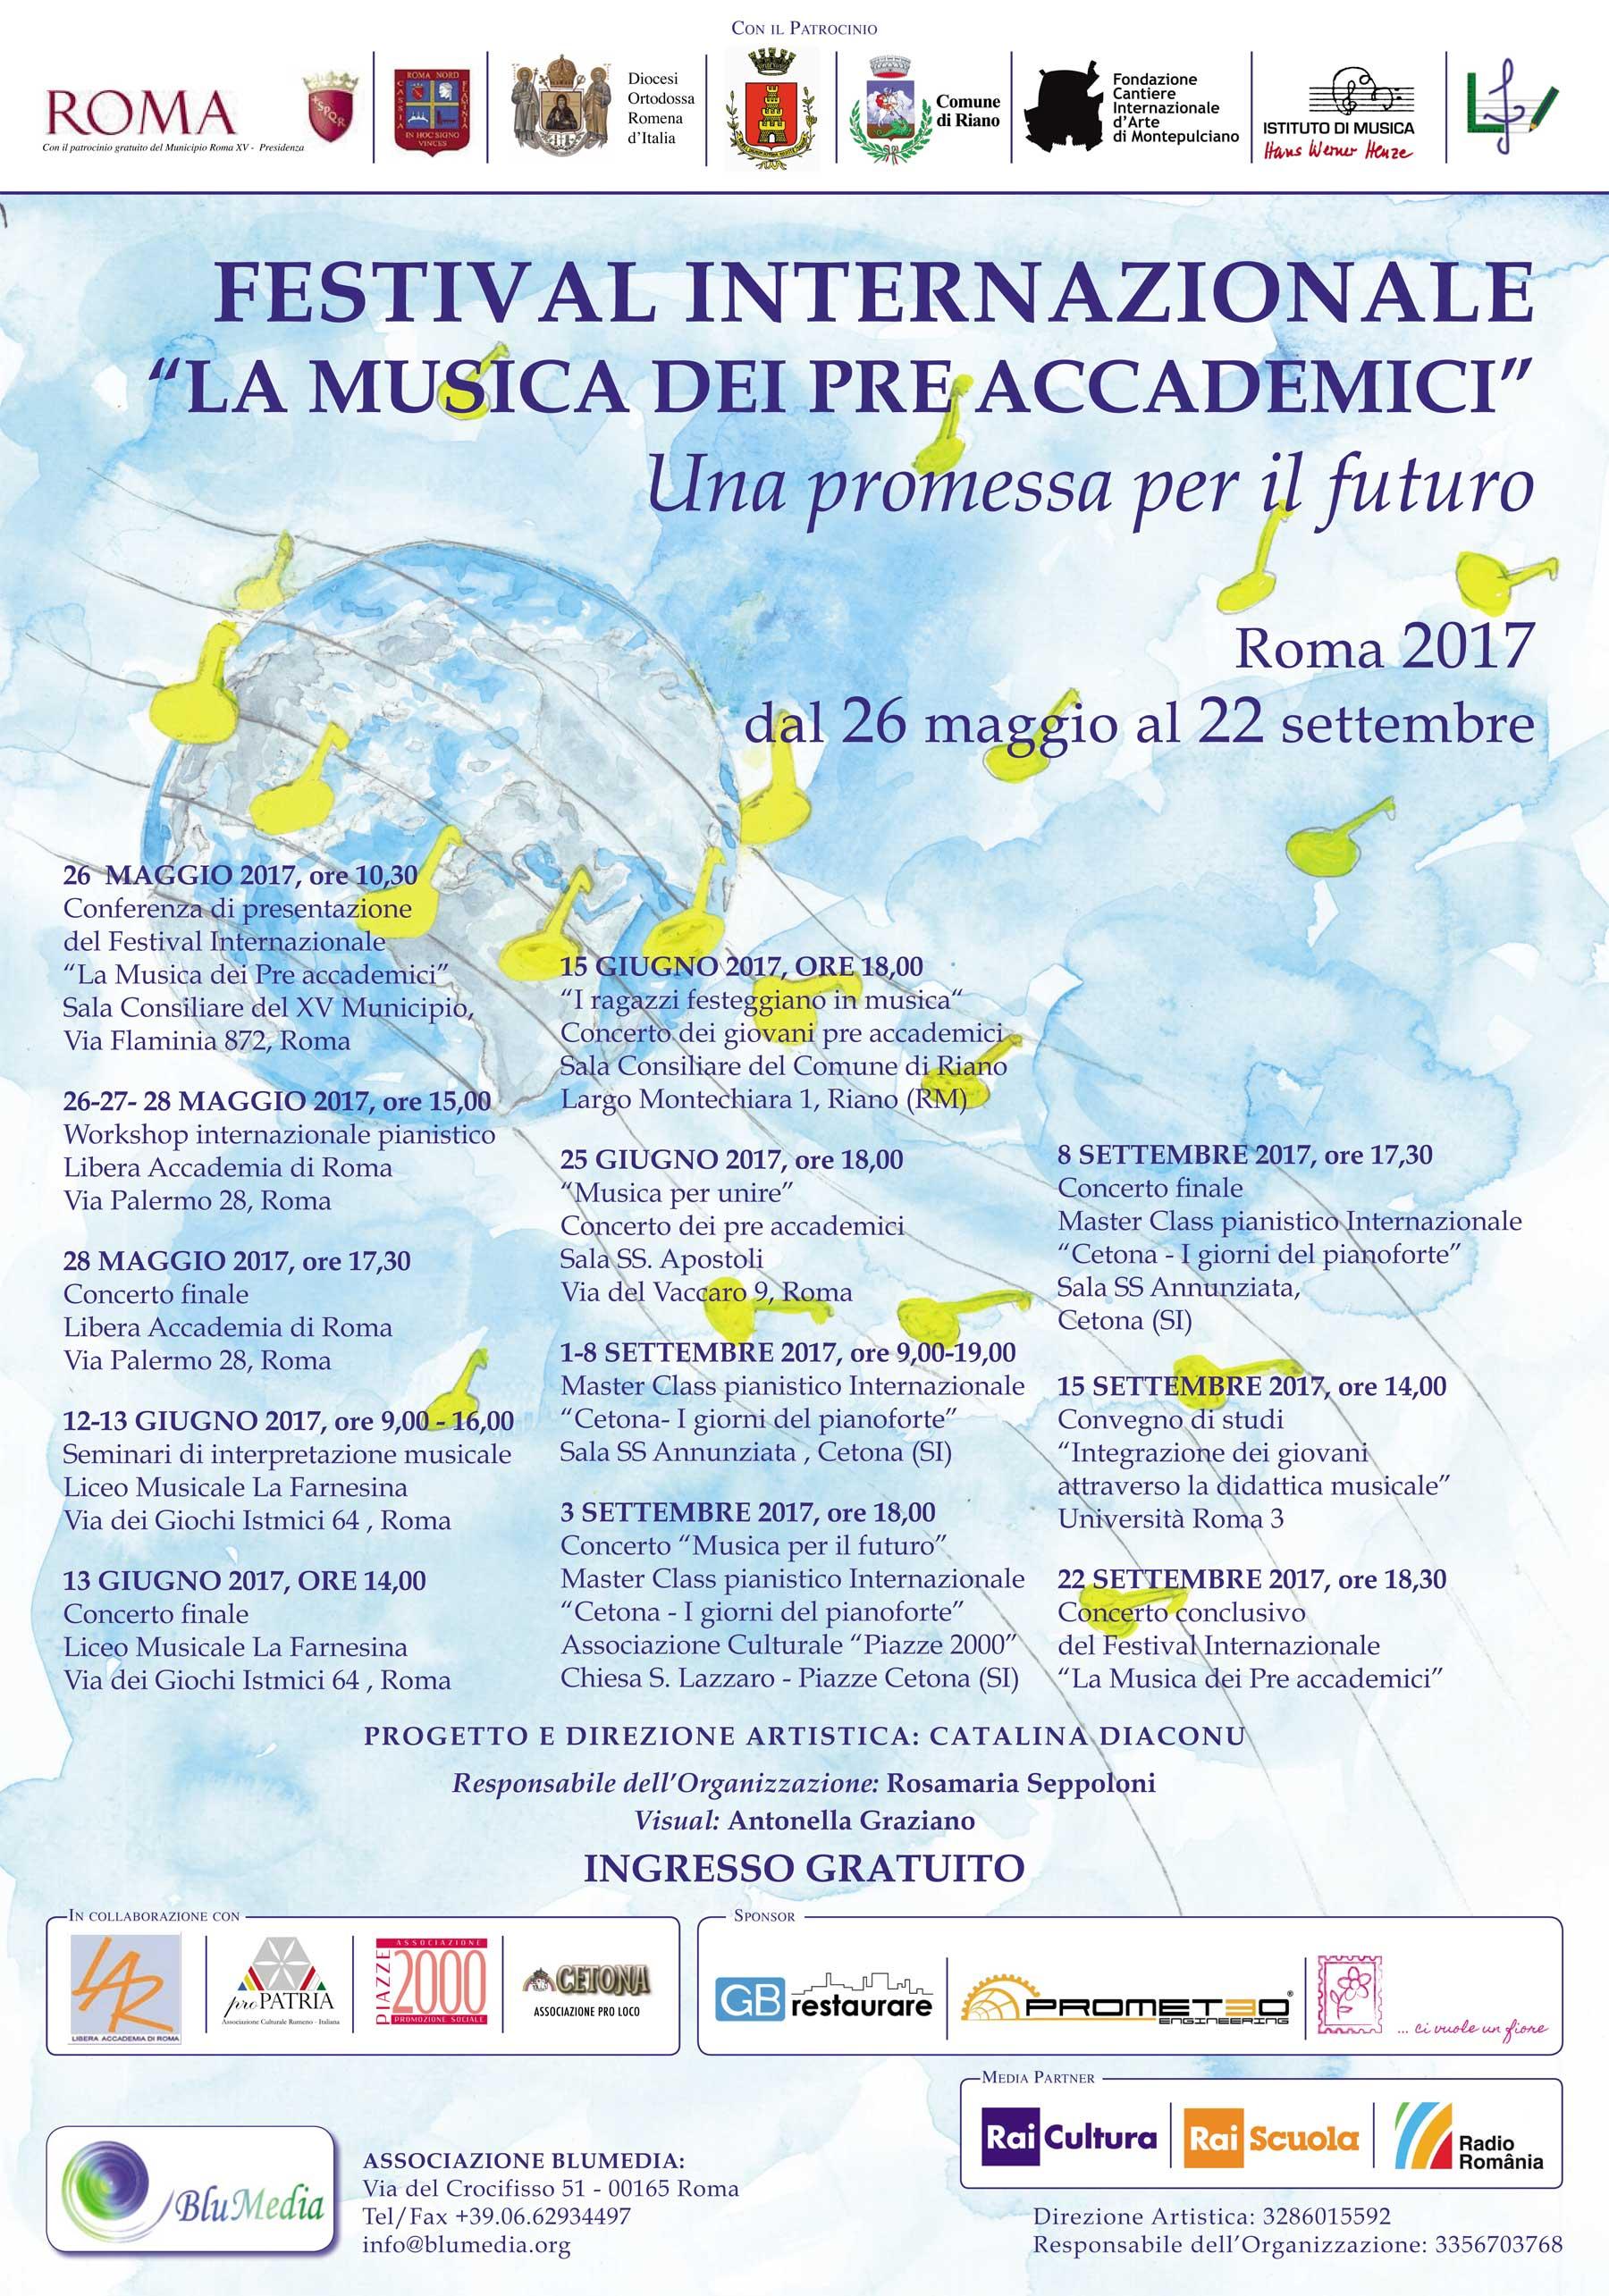 """Al via da Roma Nord il Festival Internazionale """"La Musica dei Pre Accademici"""""""